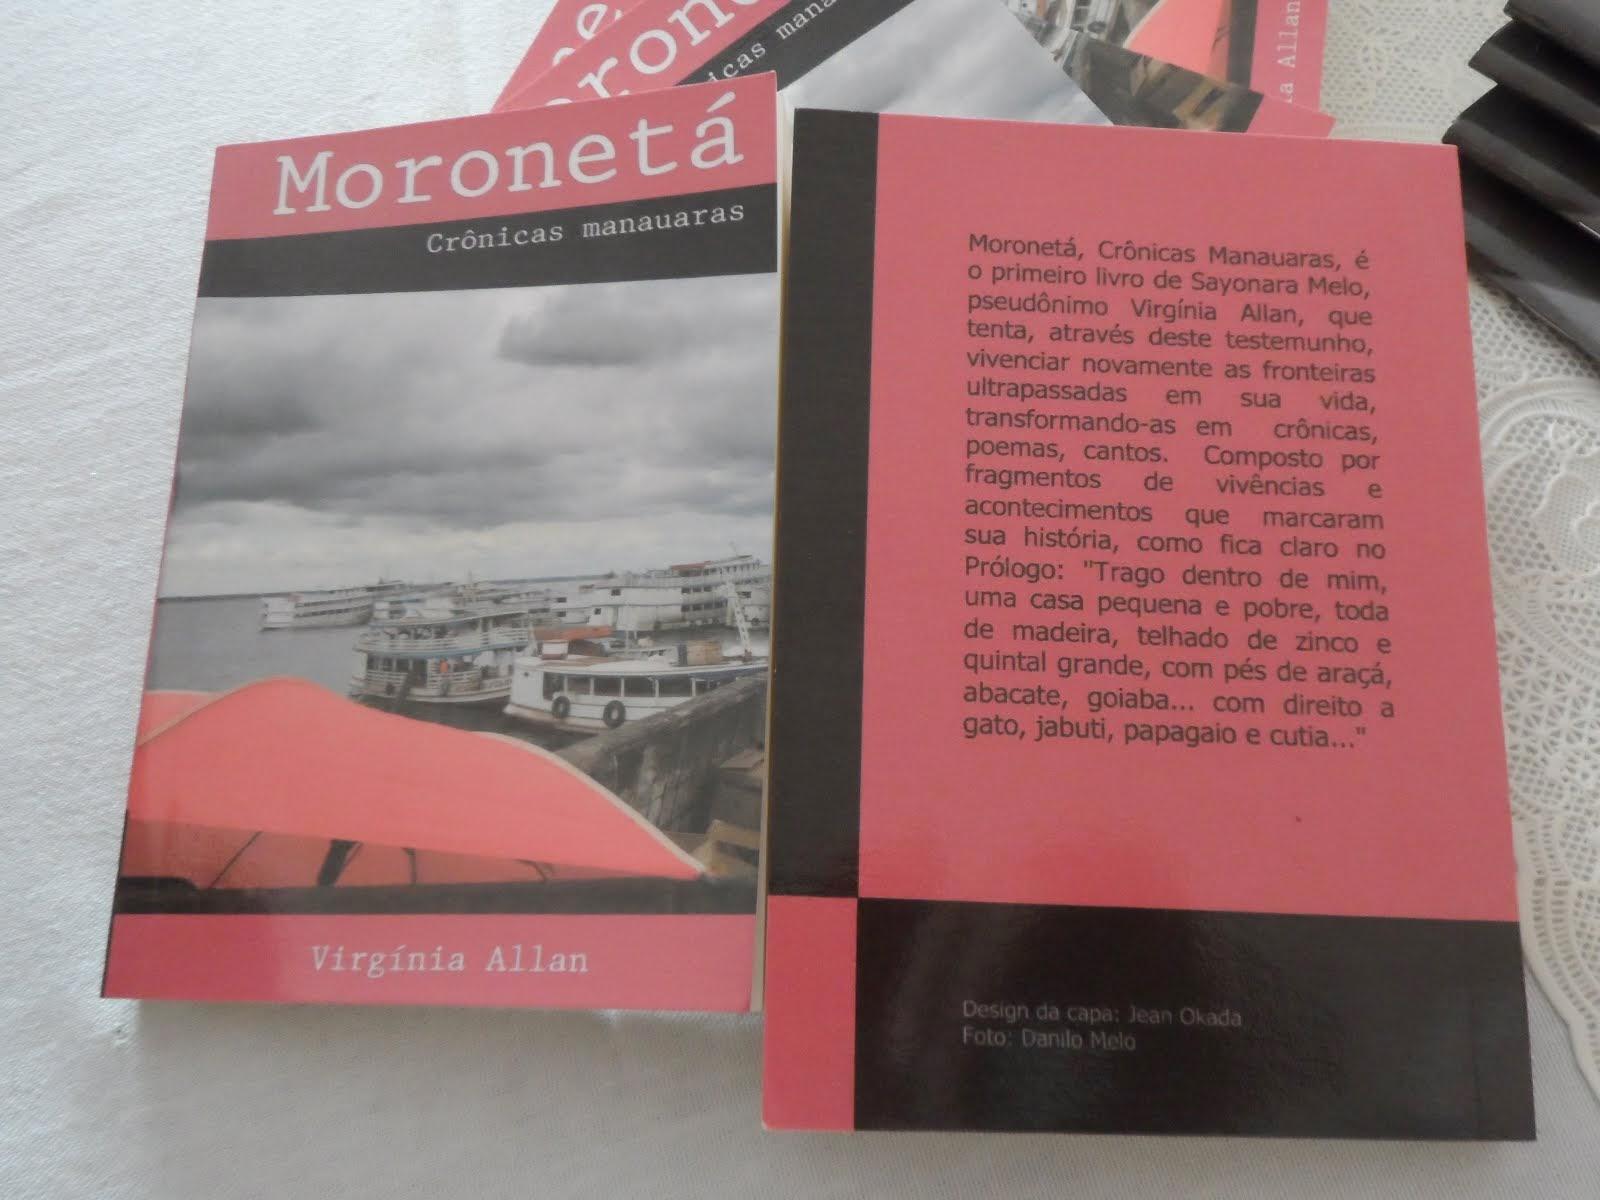 Moronetá, Crônicas Manauaras